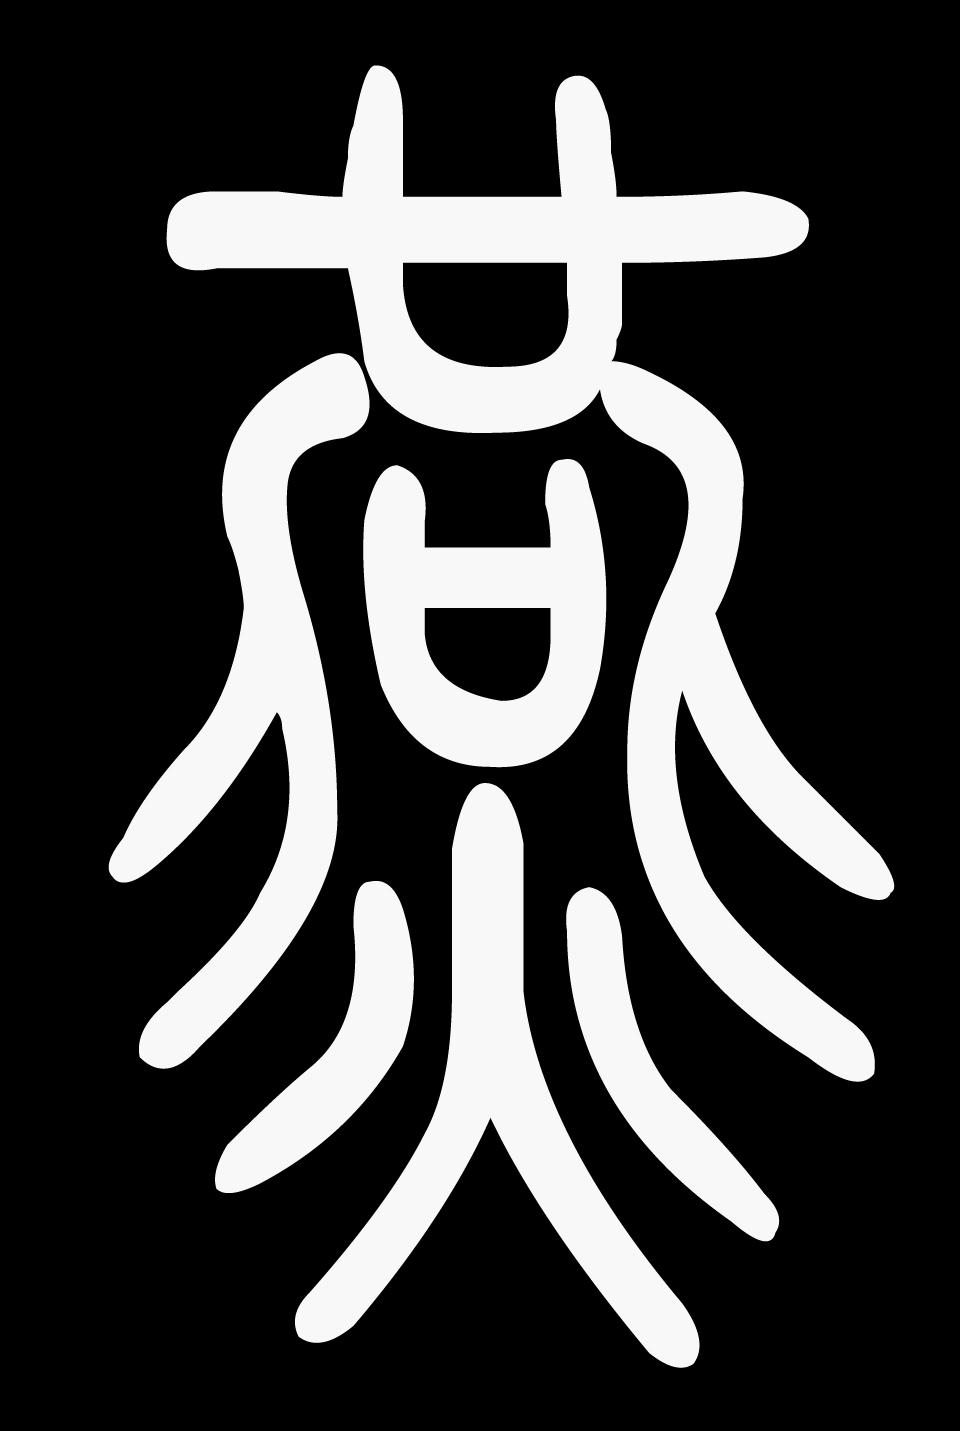 家的小篆字体怎么写 27 2011-06-17 再次求问; 燕字的秦篆写法? 拜托!图片